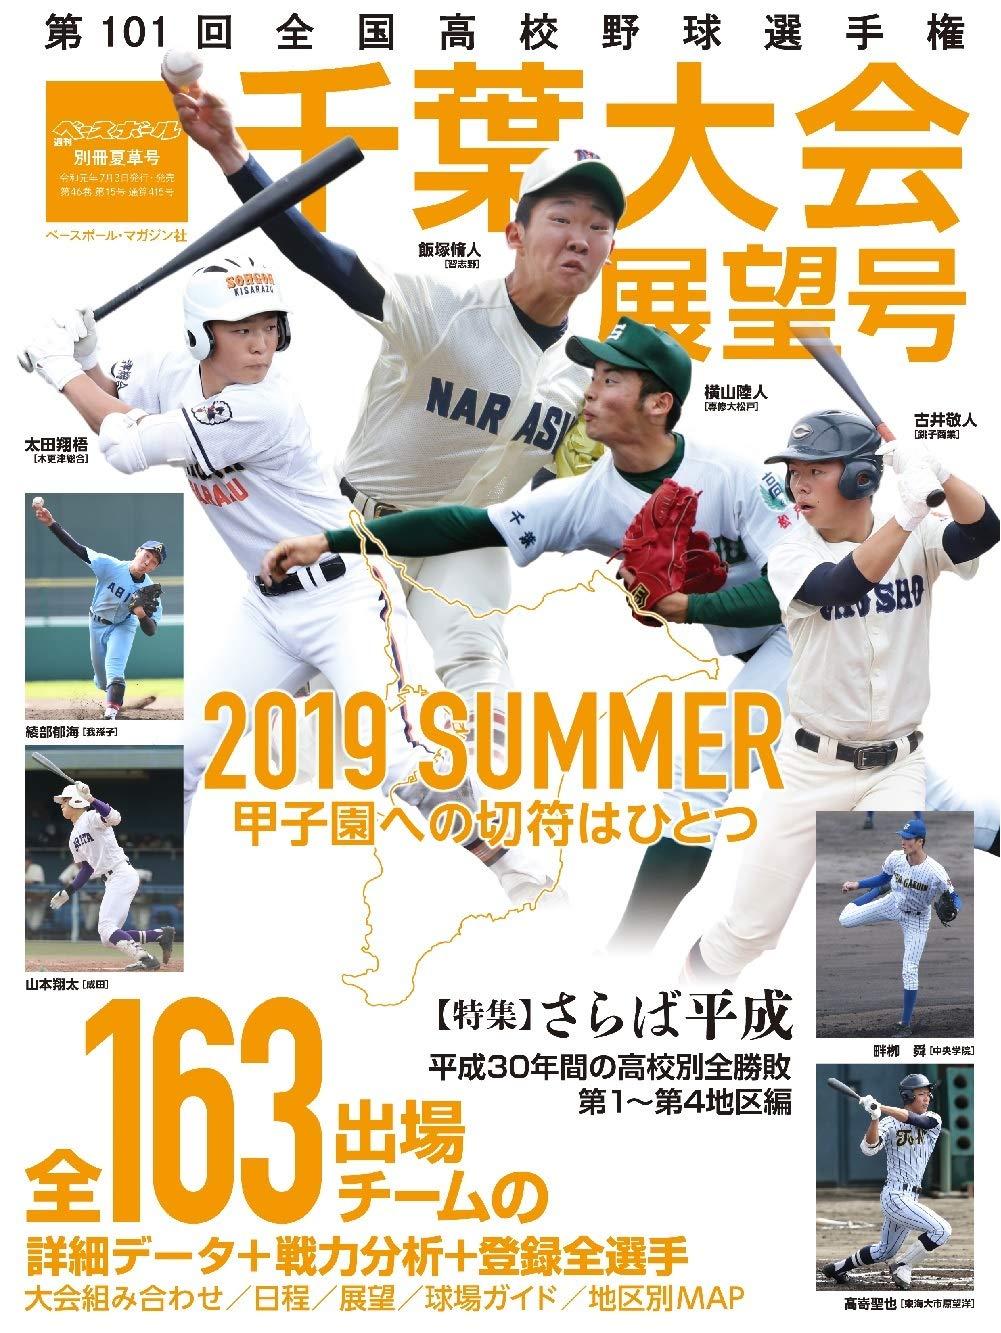 高校 野球 茨城 県 大会 2019